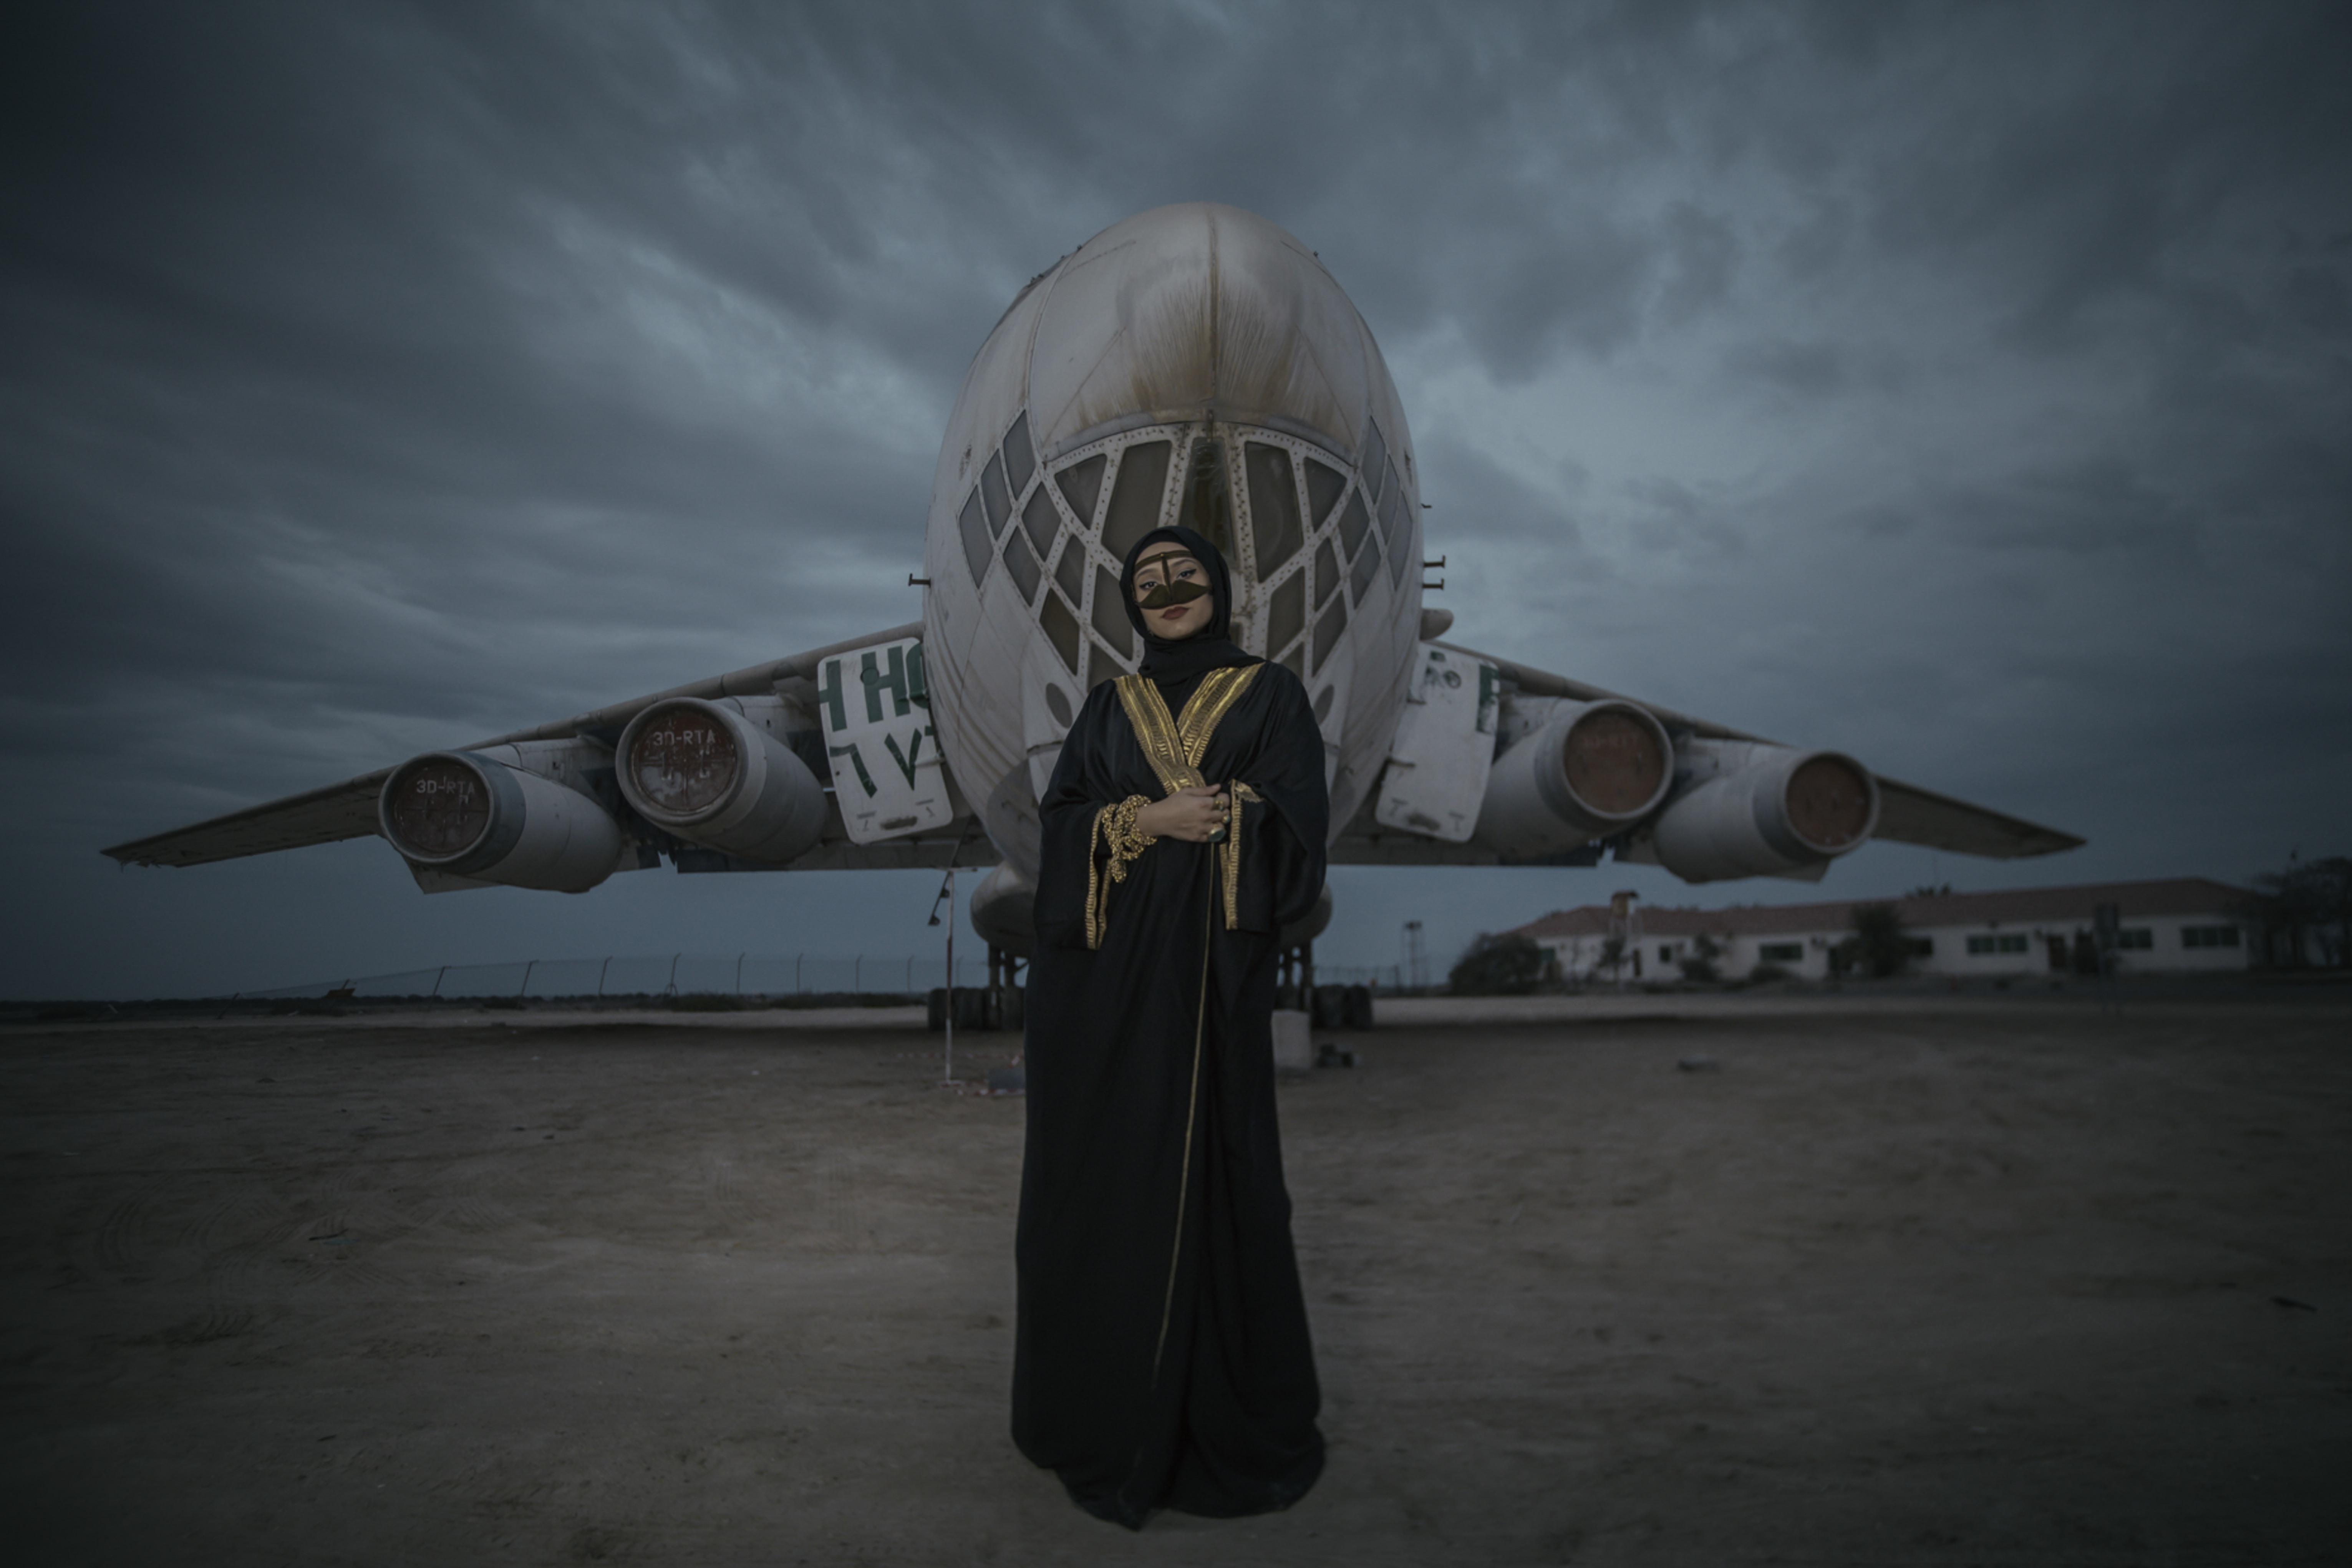 woman wearing black dress standing near white plane